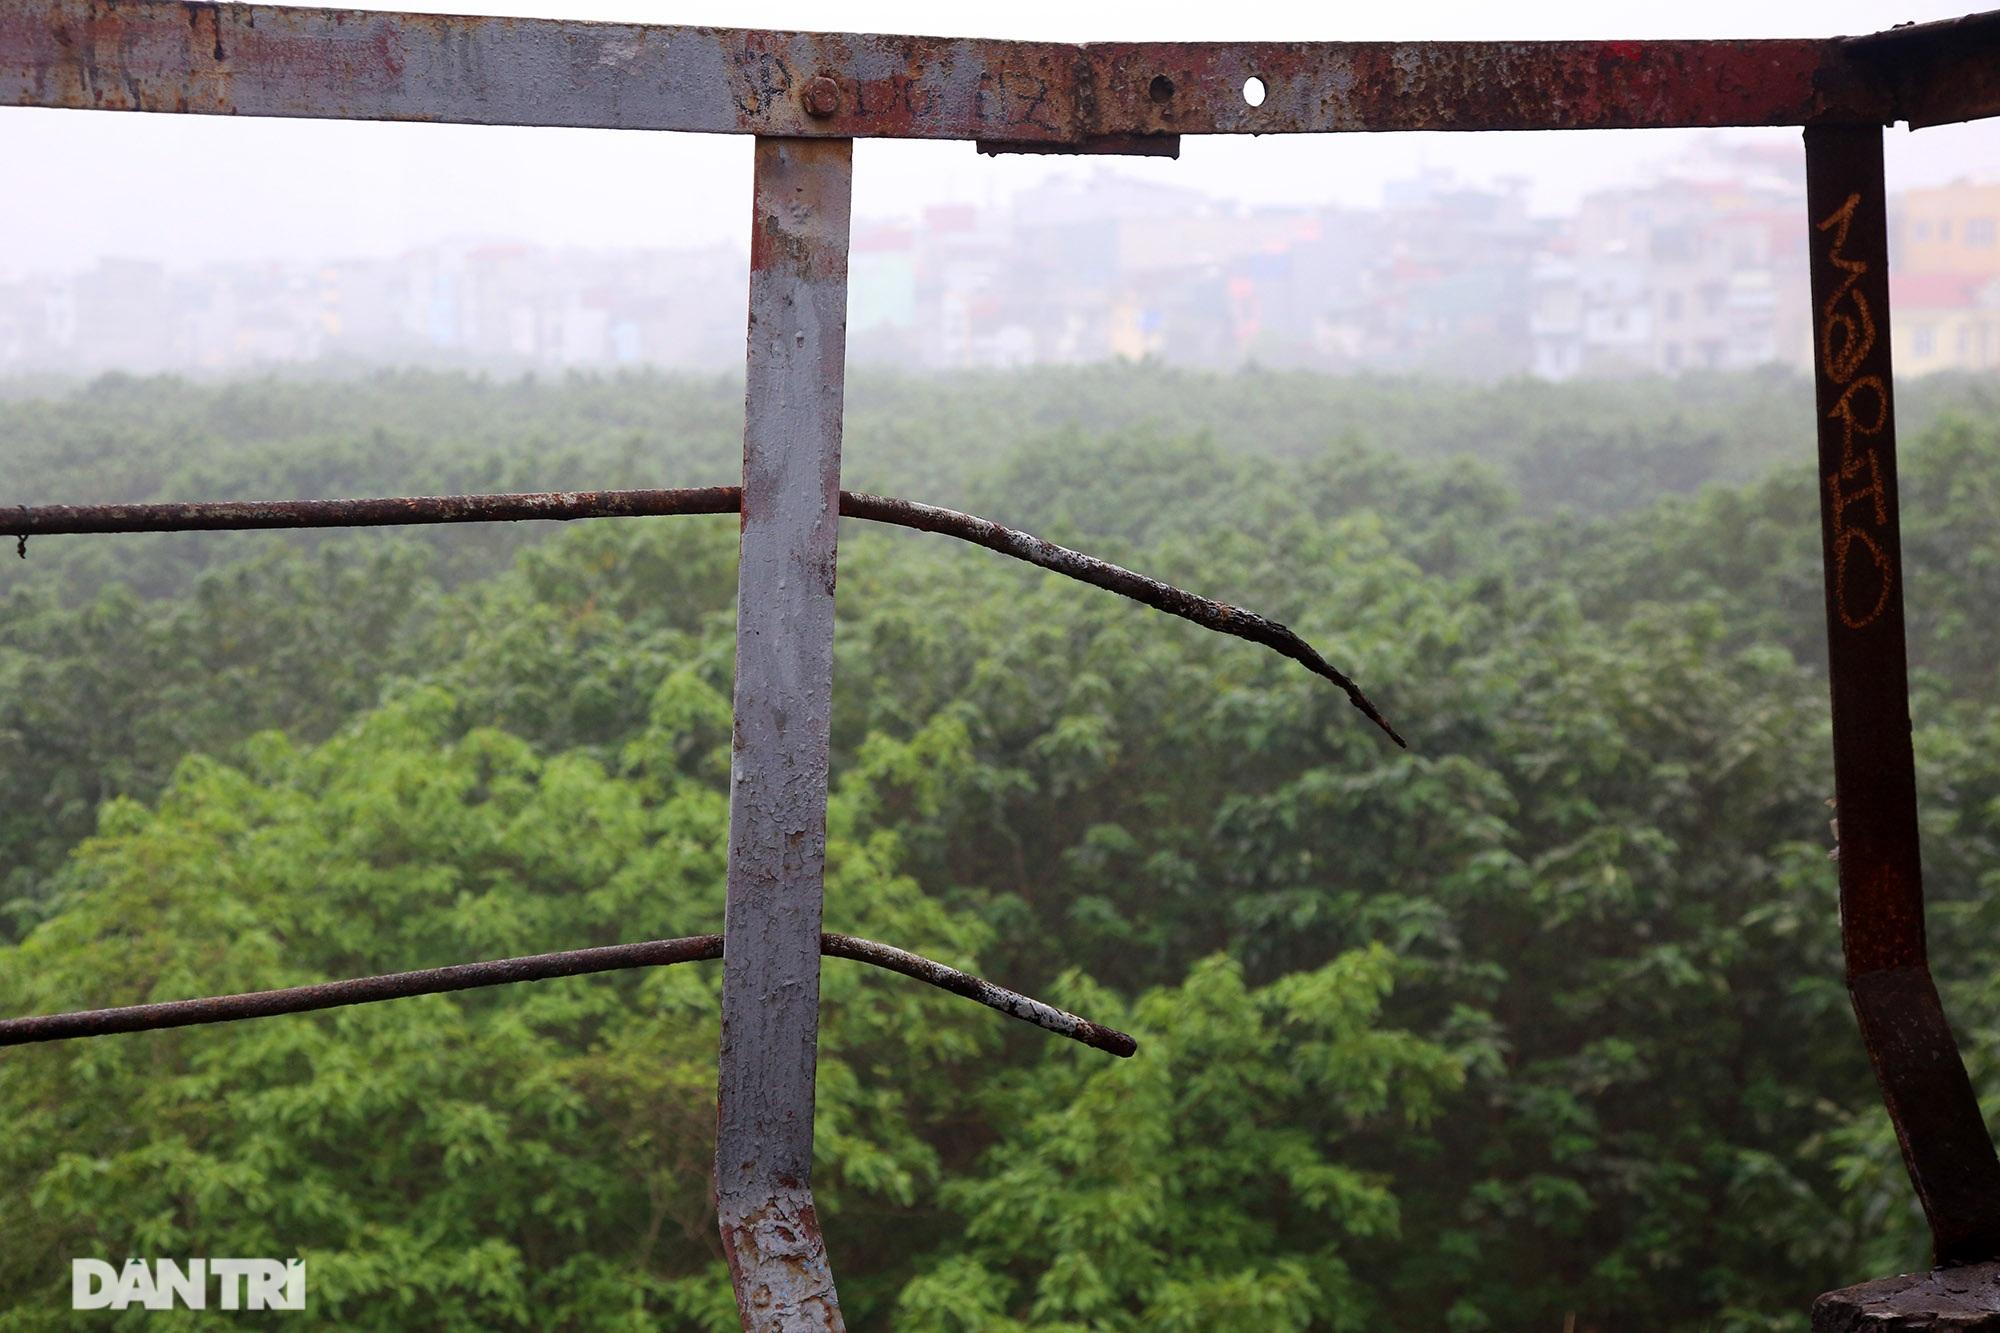 Cầu Long Biên như bị bỏ rơi, gỉ sét xuống cấp nghiêm trọng - 5